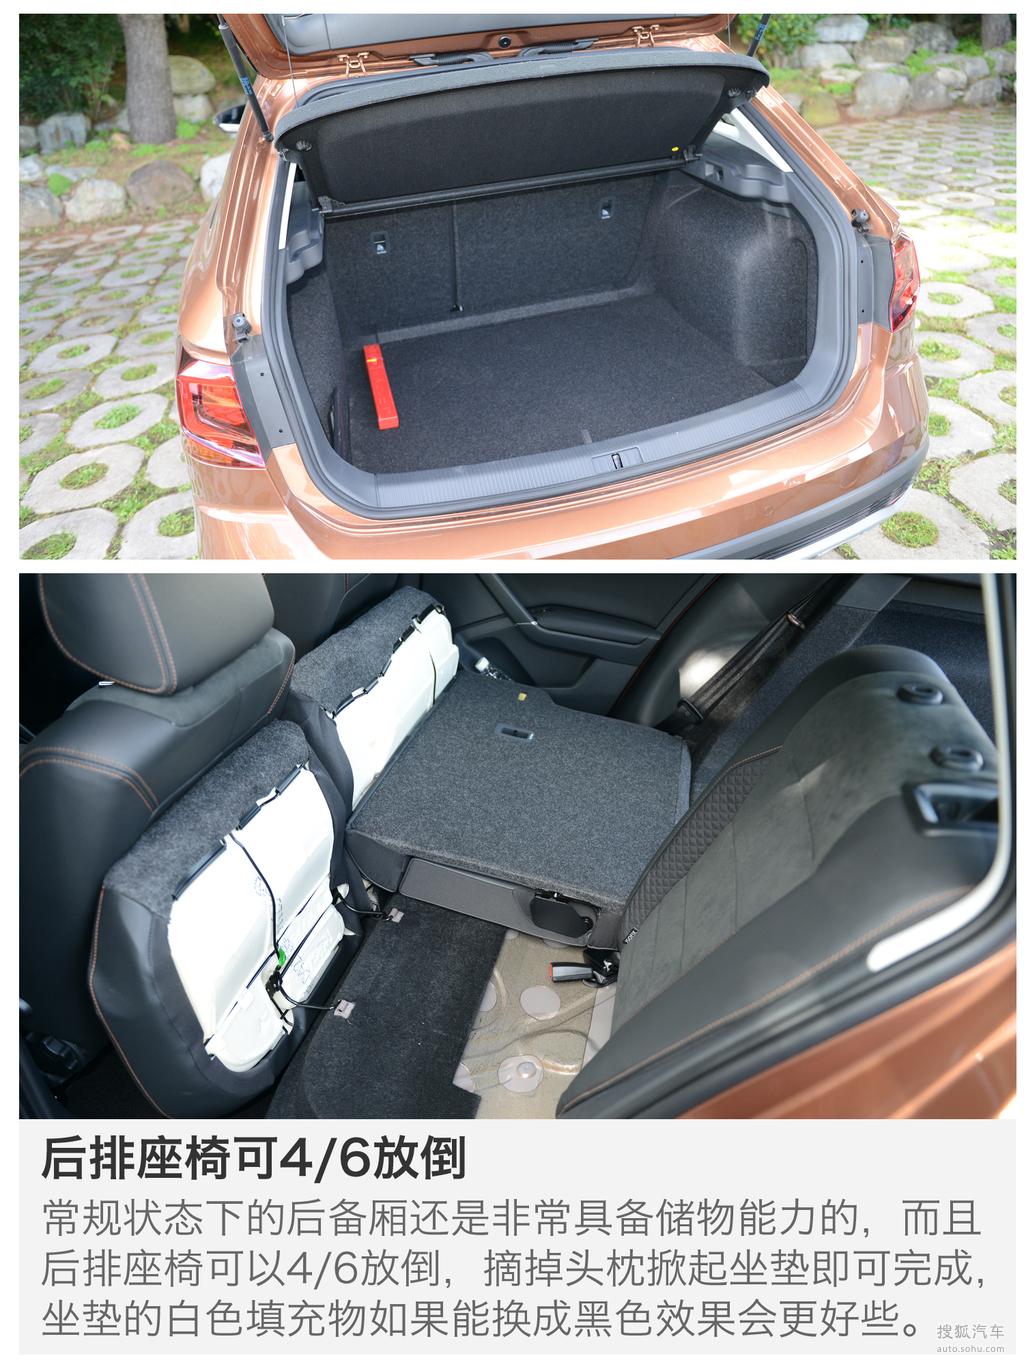 【 大众蔚领高清图片】_图解_搜狐汽车网